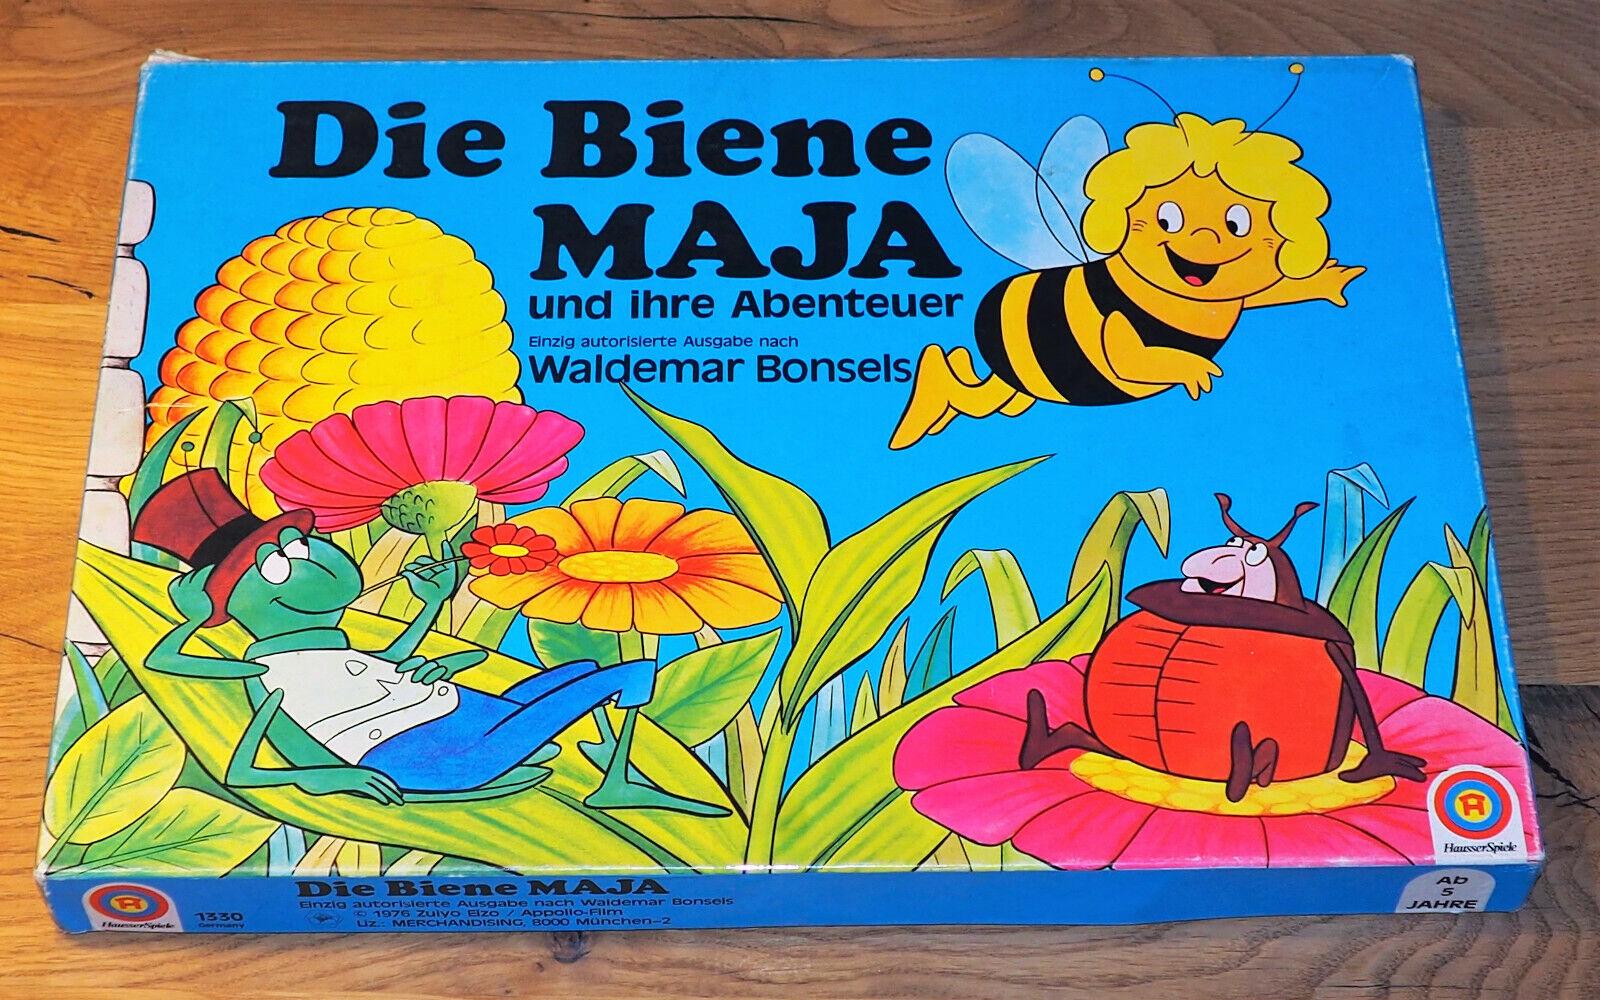 Die Biene Maja und ihre Abenteuer,1976,Hausser,1330, einzig autorisierte Ausgabe